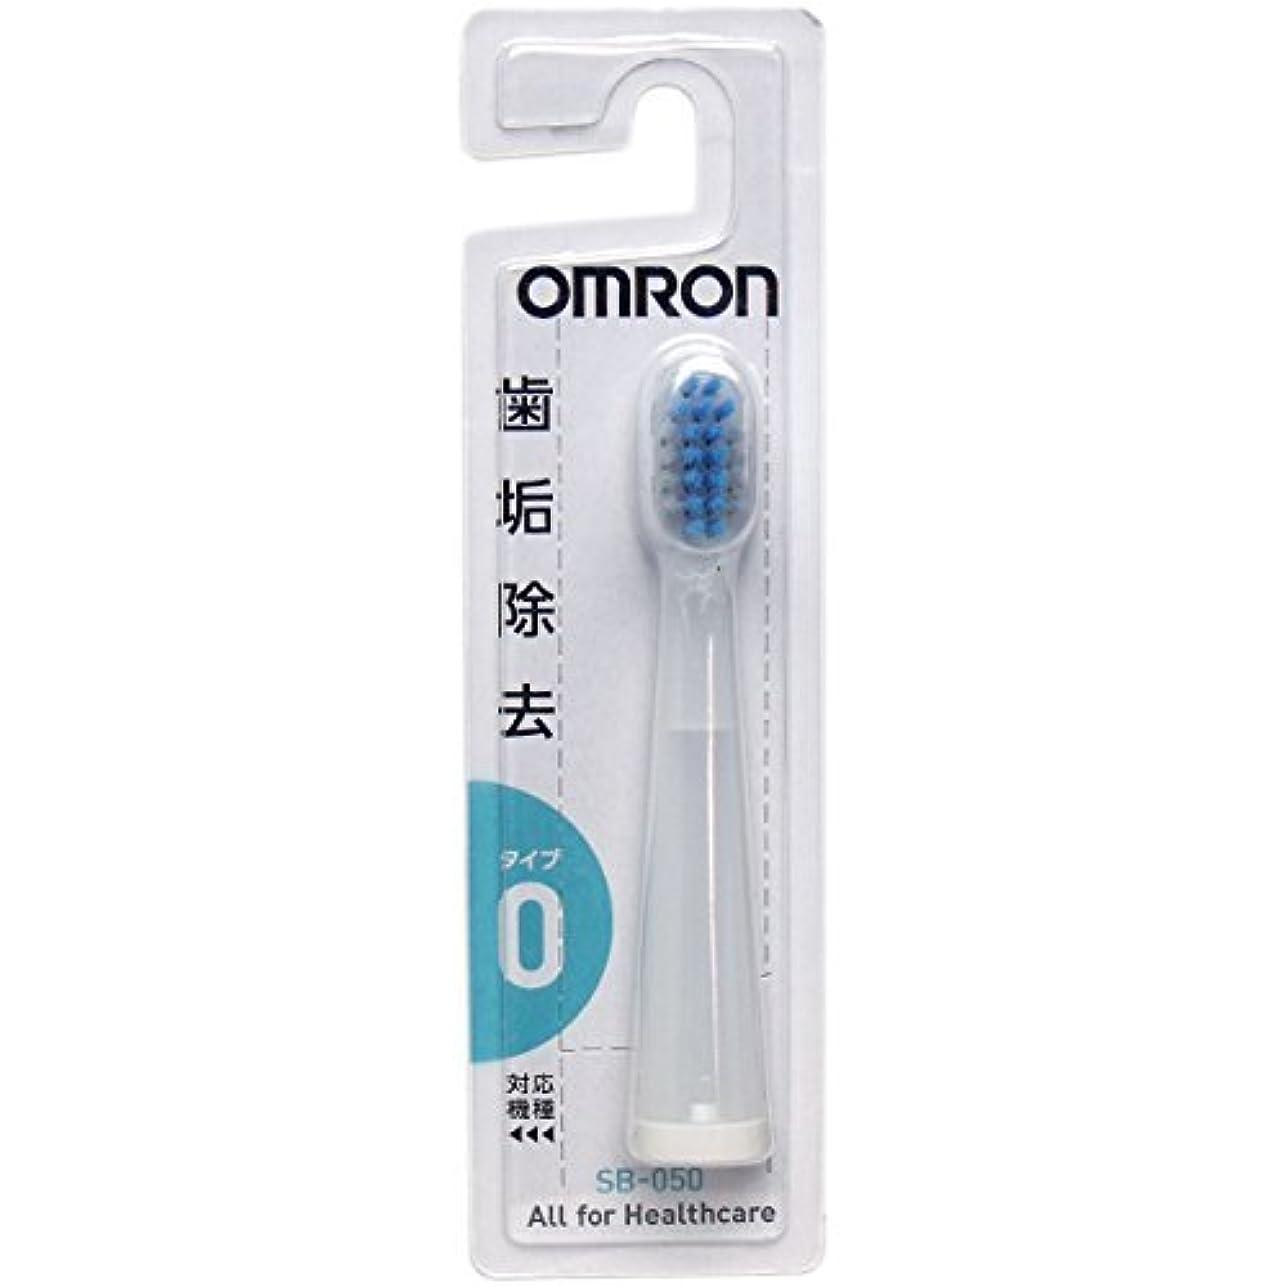 是正結婚する荒れ地オムロン 音波式電動歯ブラシ用 ダブルメリットブラシ 1個入 SB-050